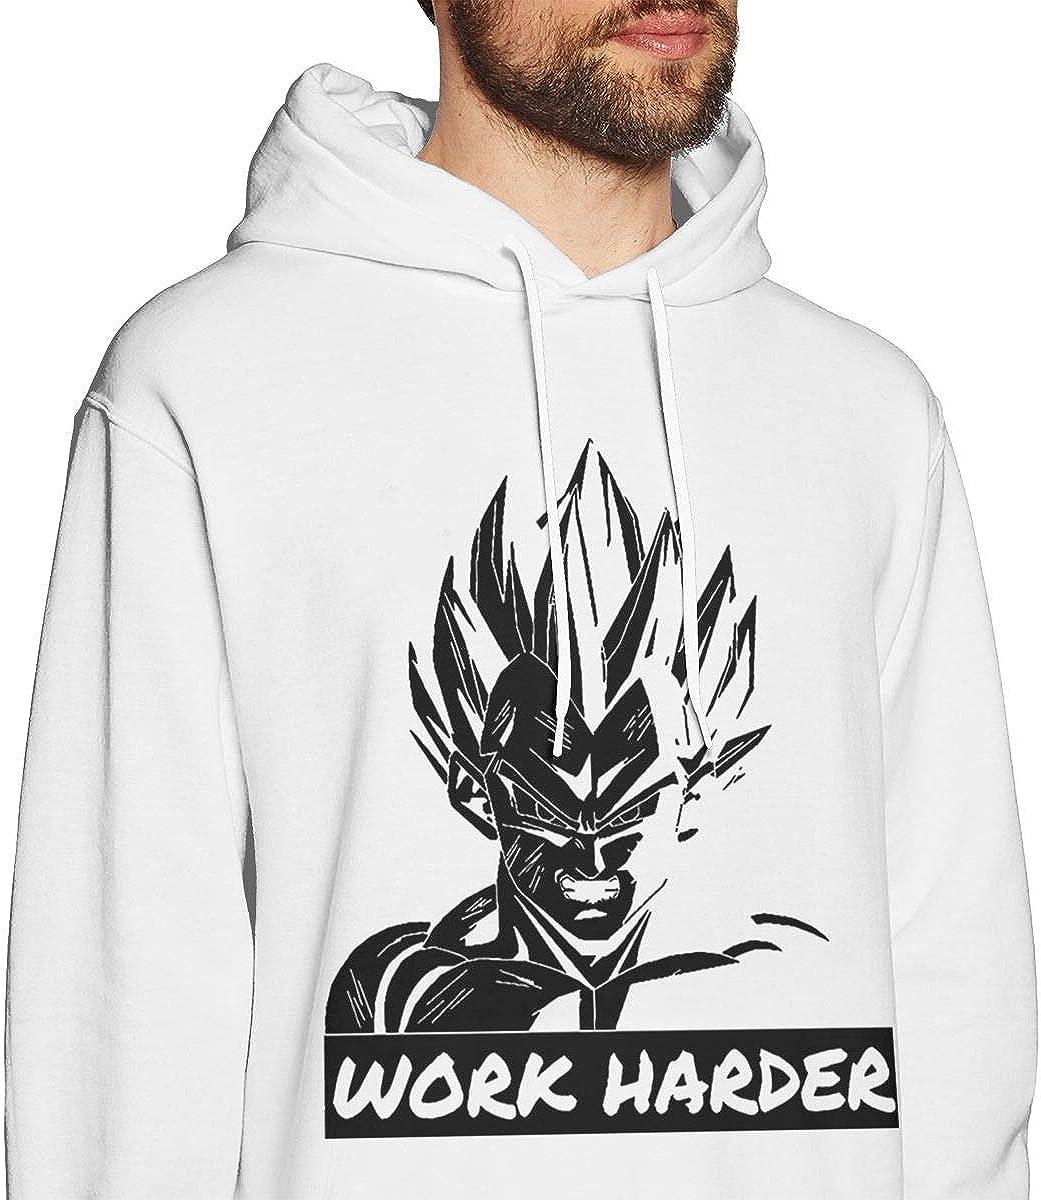 Work Harder Motivational Dragon Ball Man Fashion Keep Warm Sweater